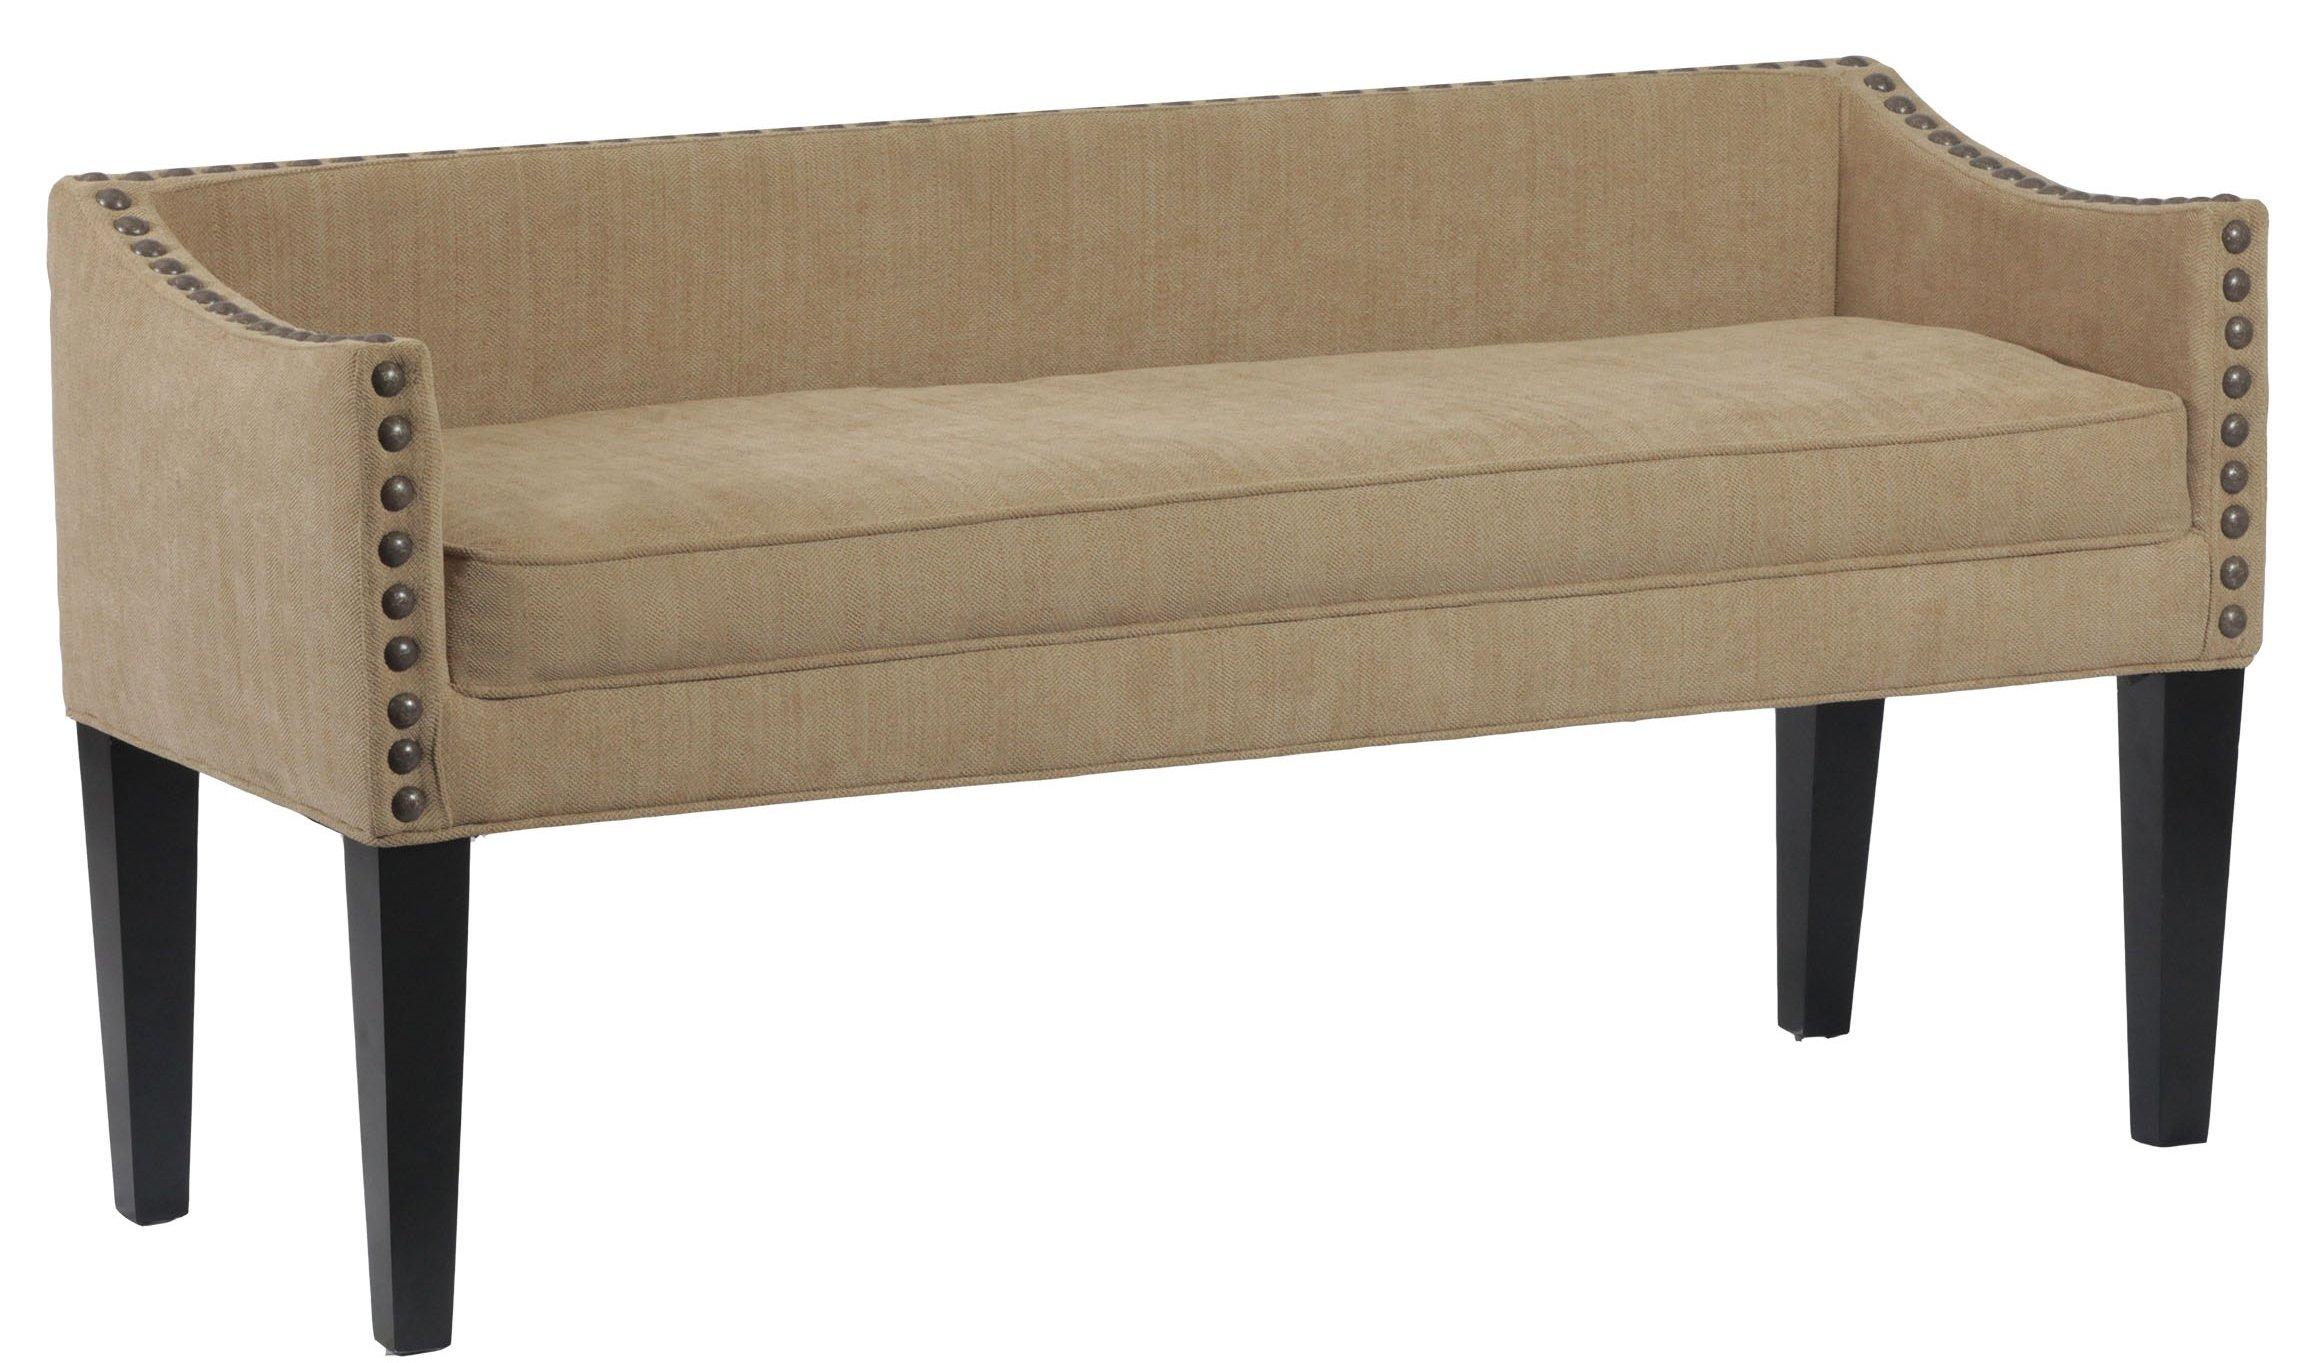 Leffler Home 13000-02-10-01 Whitney Transitional Long Upholstered Bench, Chestnut Brown